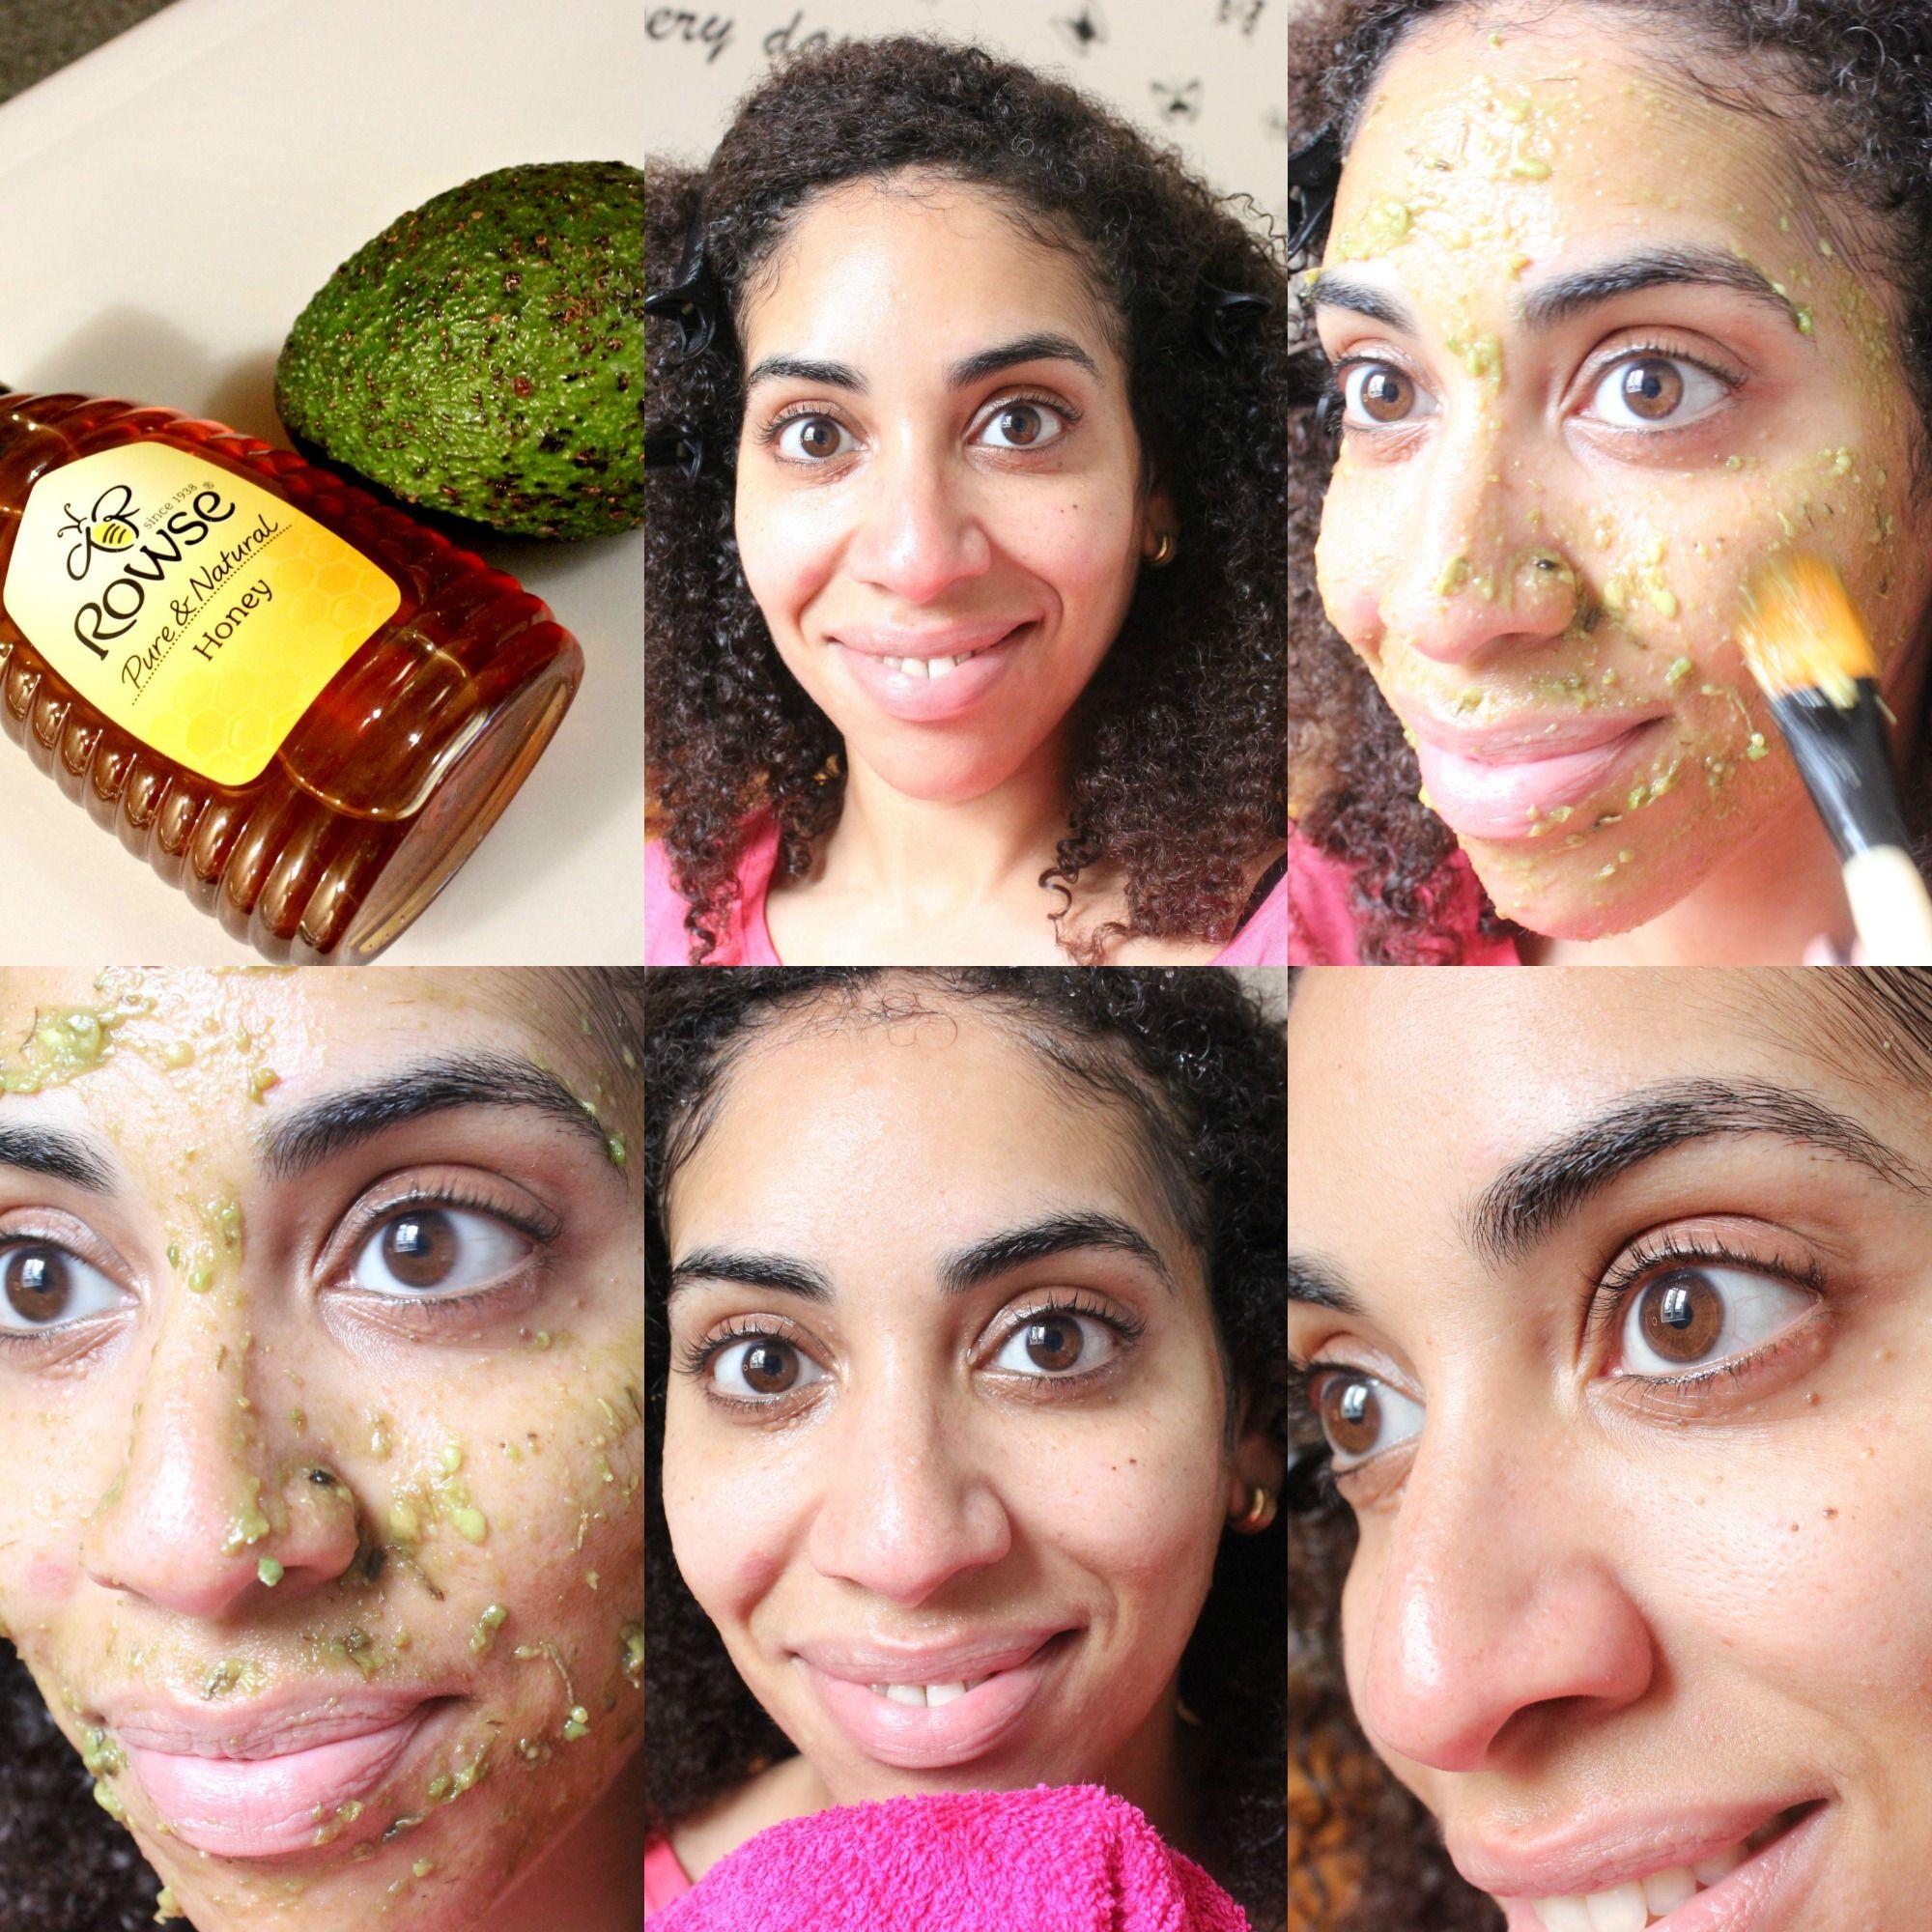 DIY Avocado and honey mask at